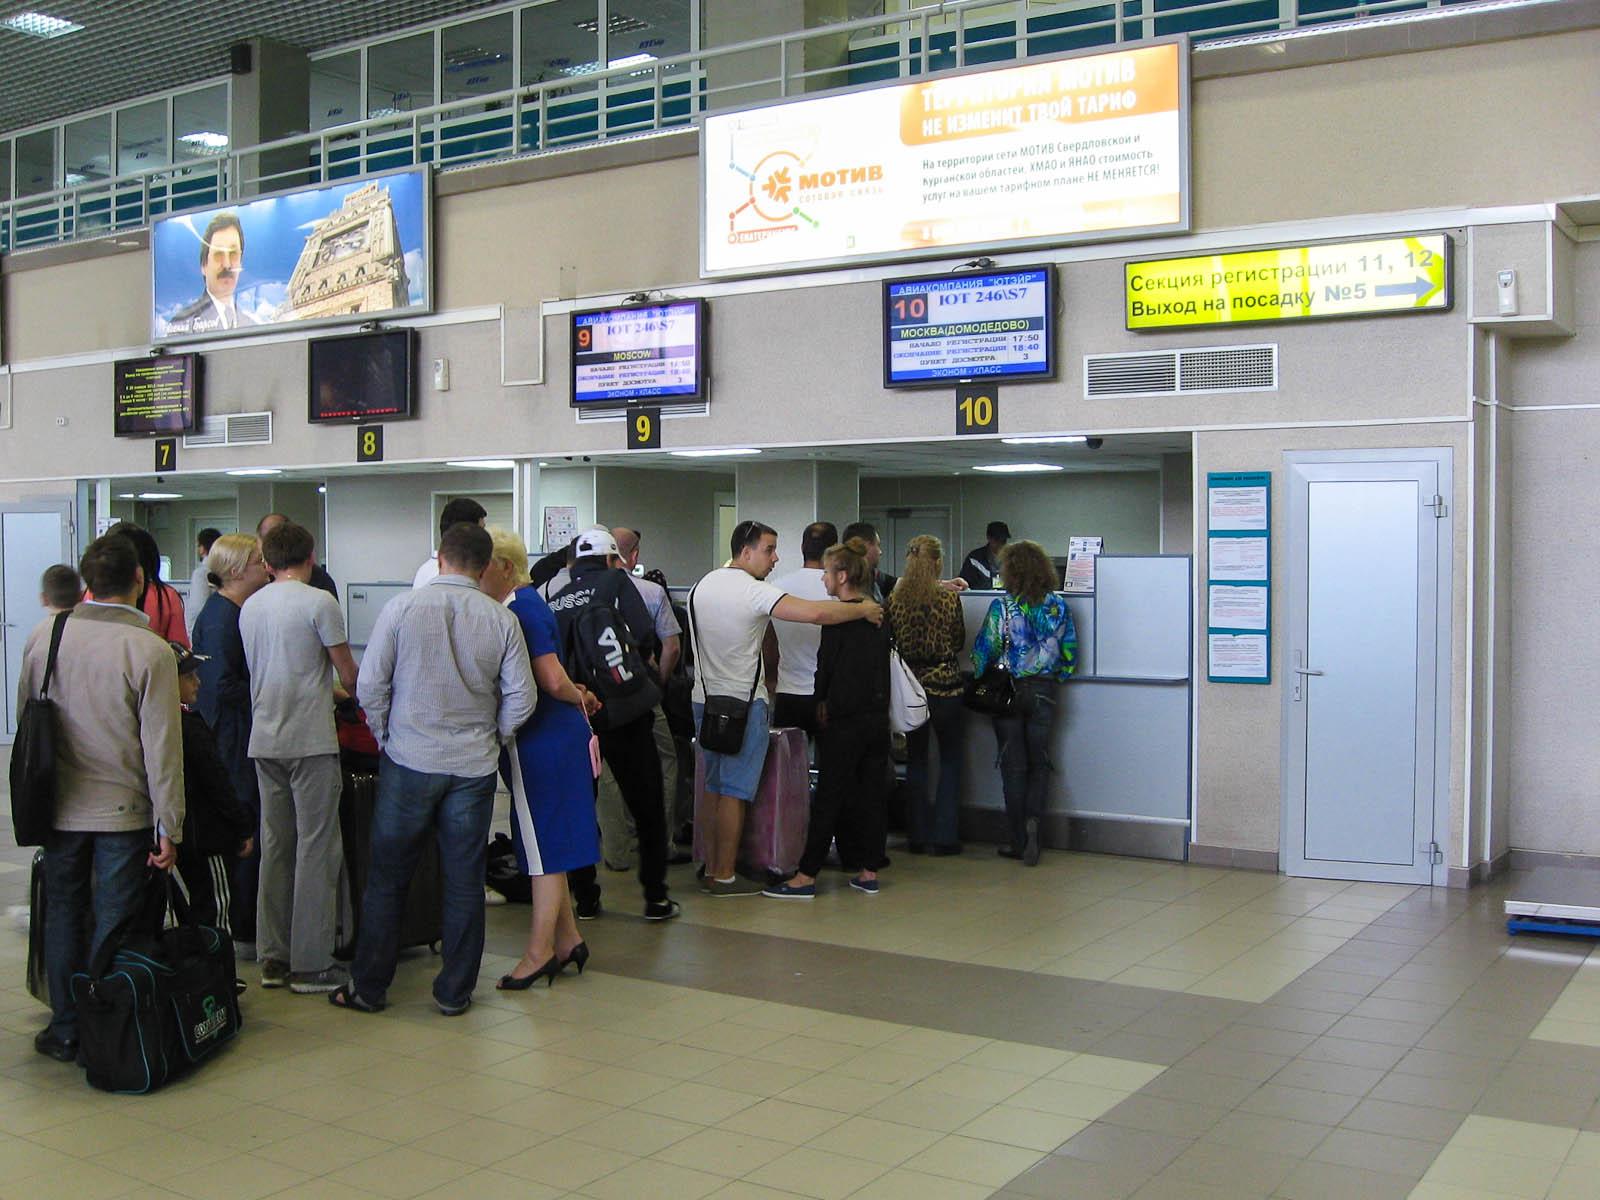 Стойки регистрации в аэропорту Сургут